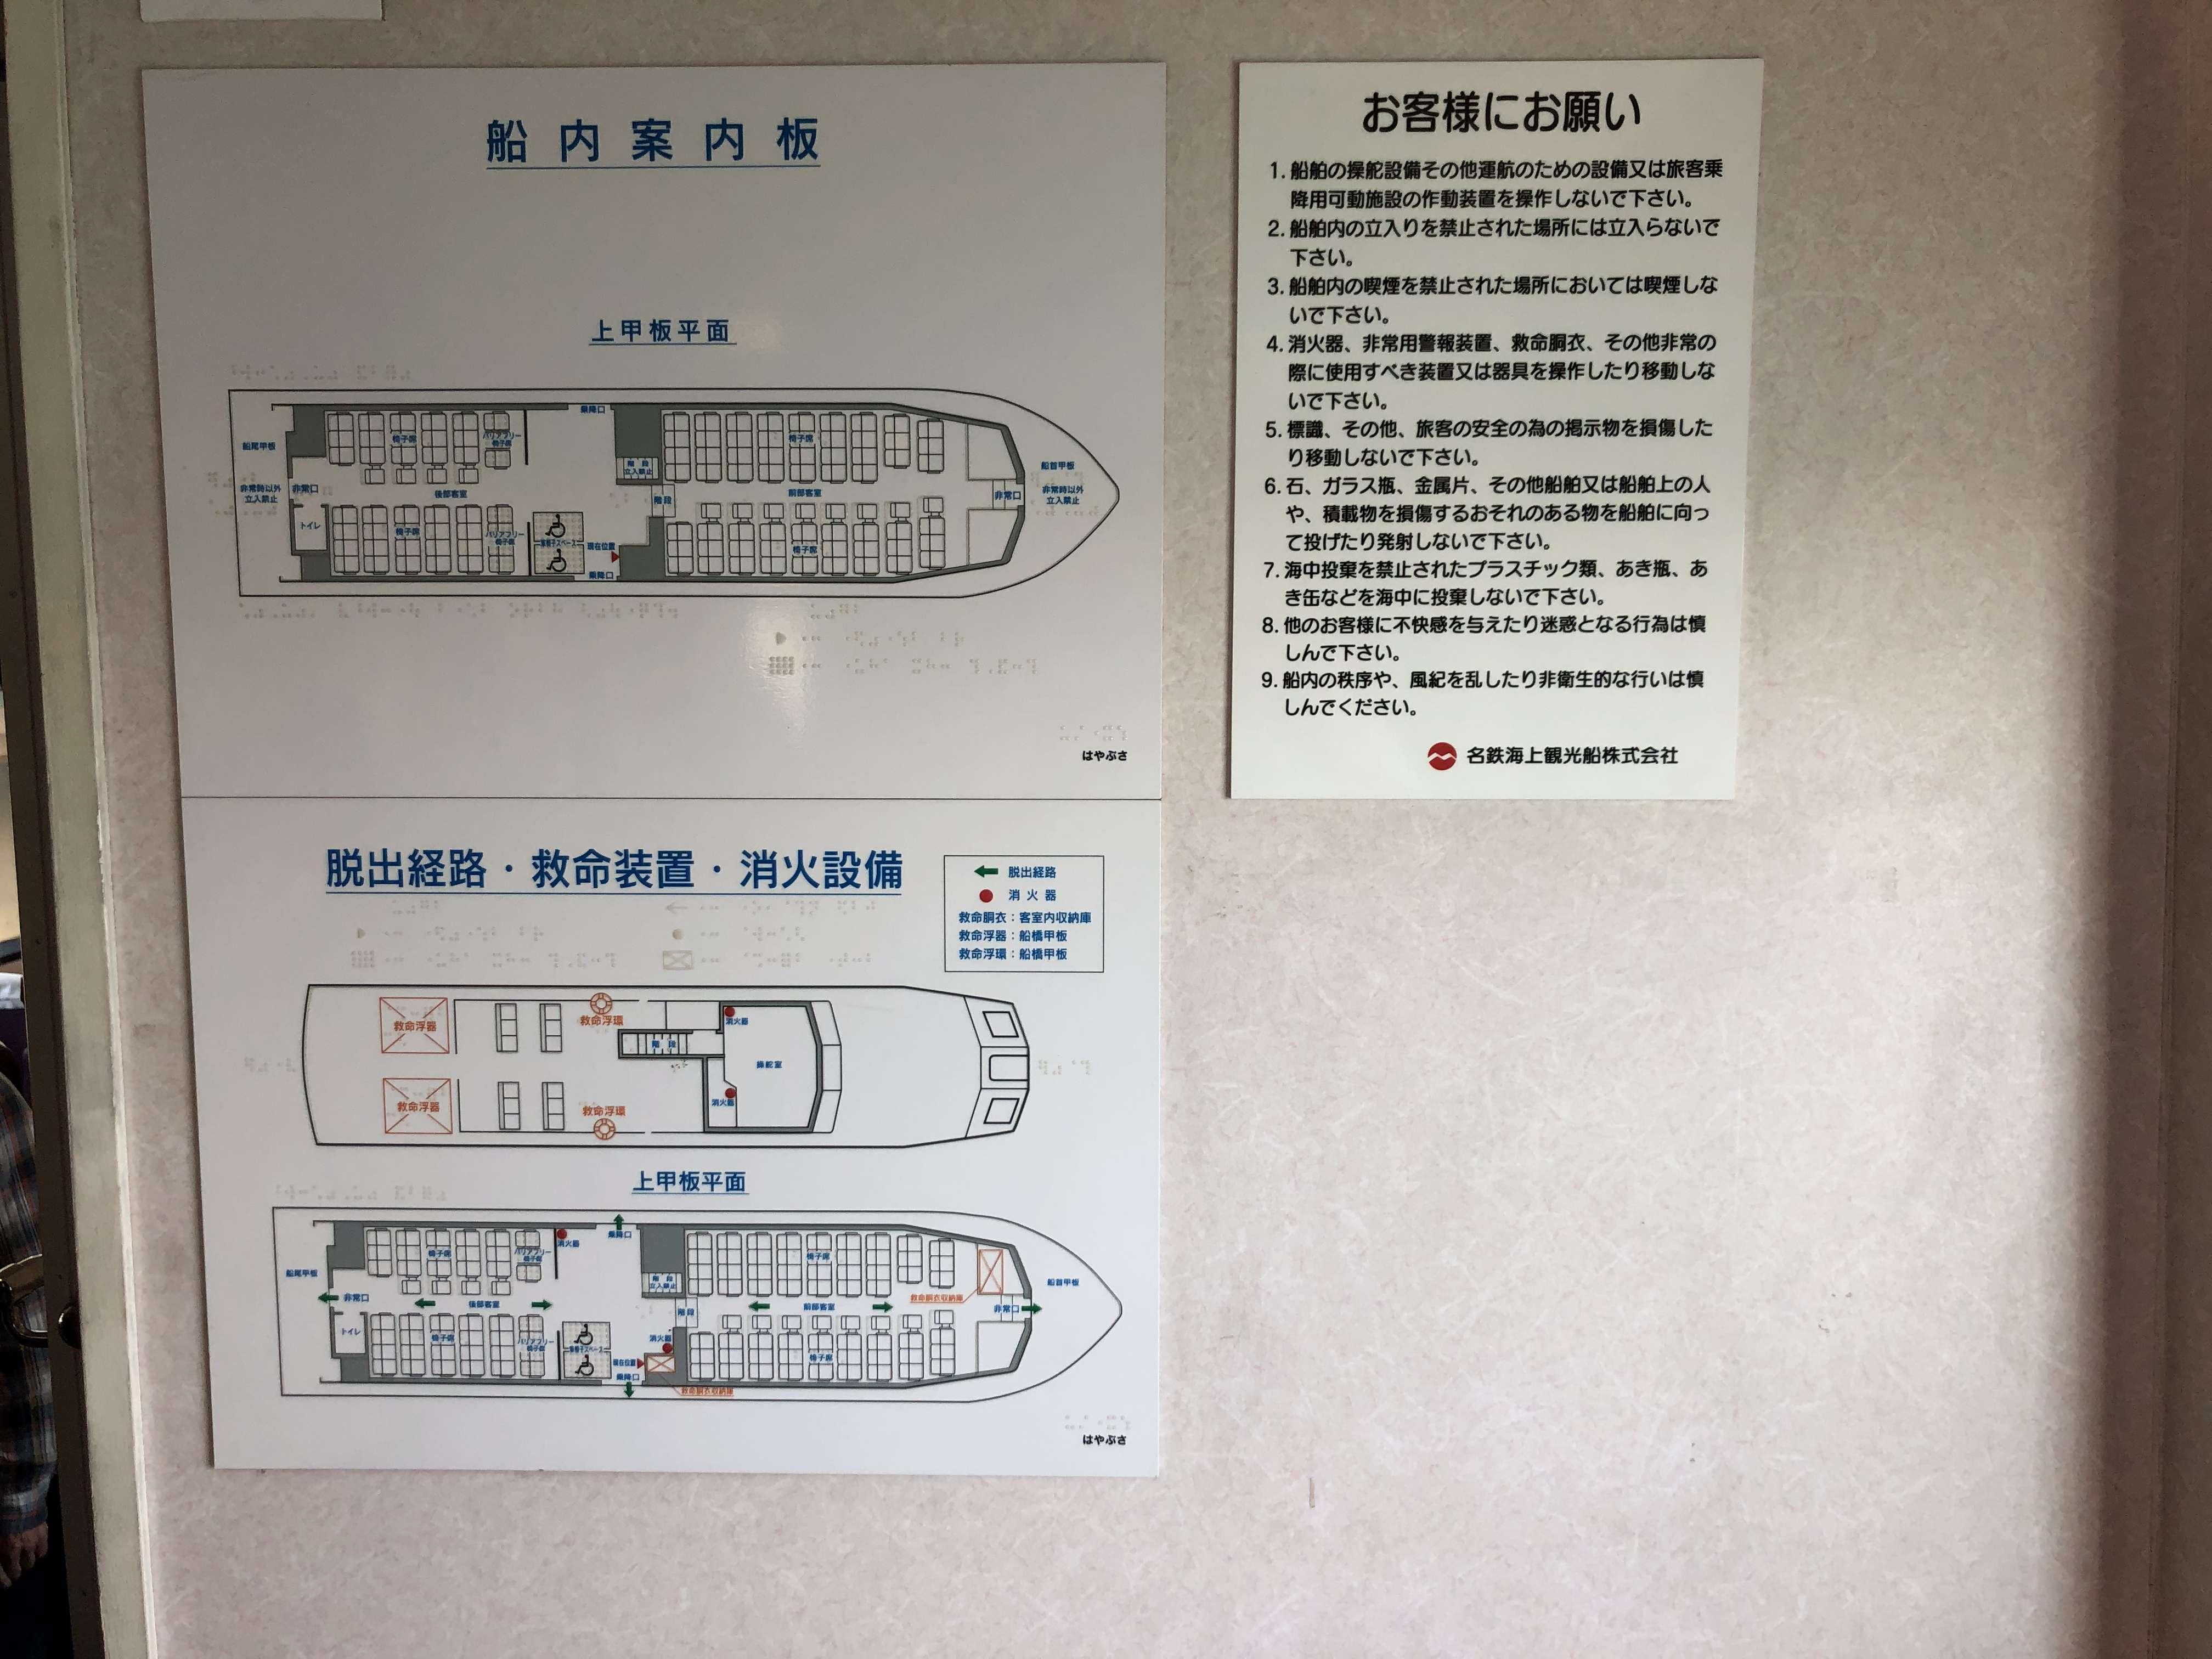 日間賀島 高速船 船内案内